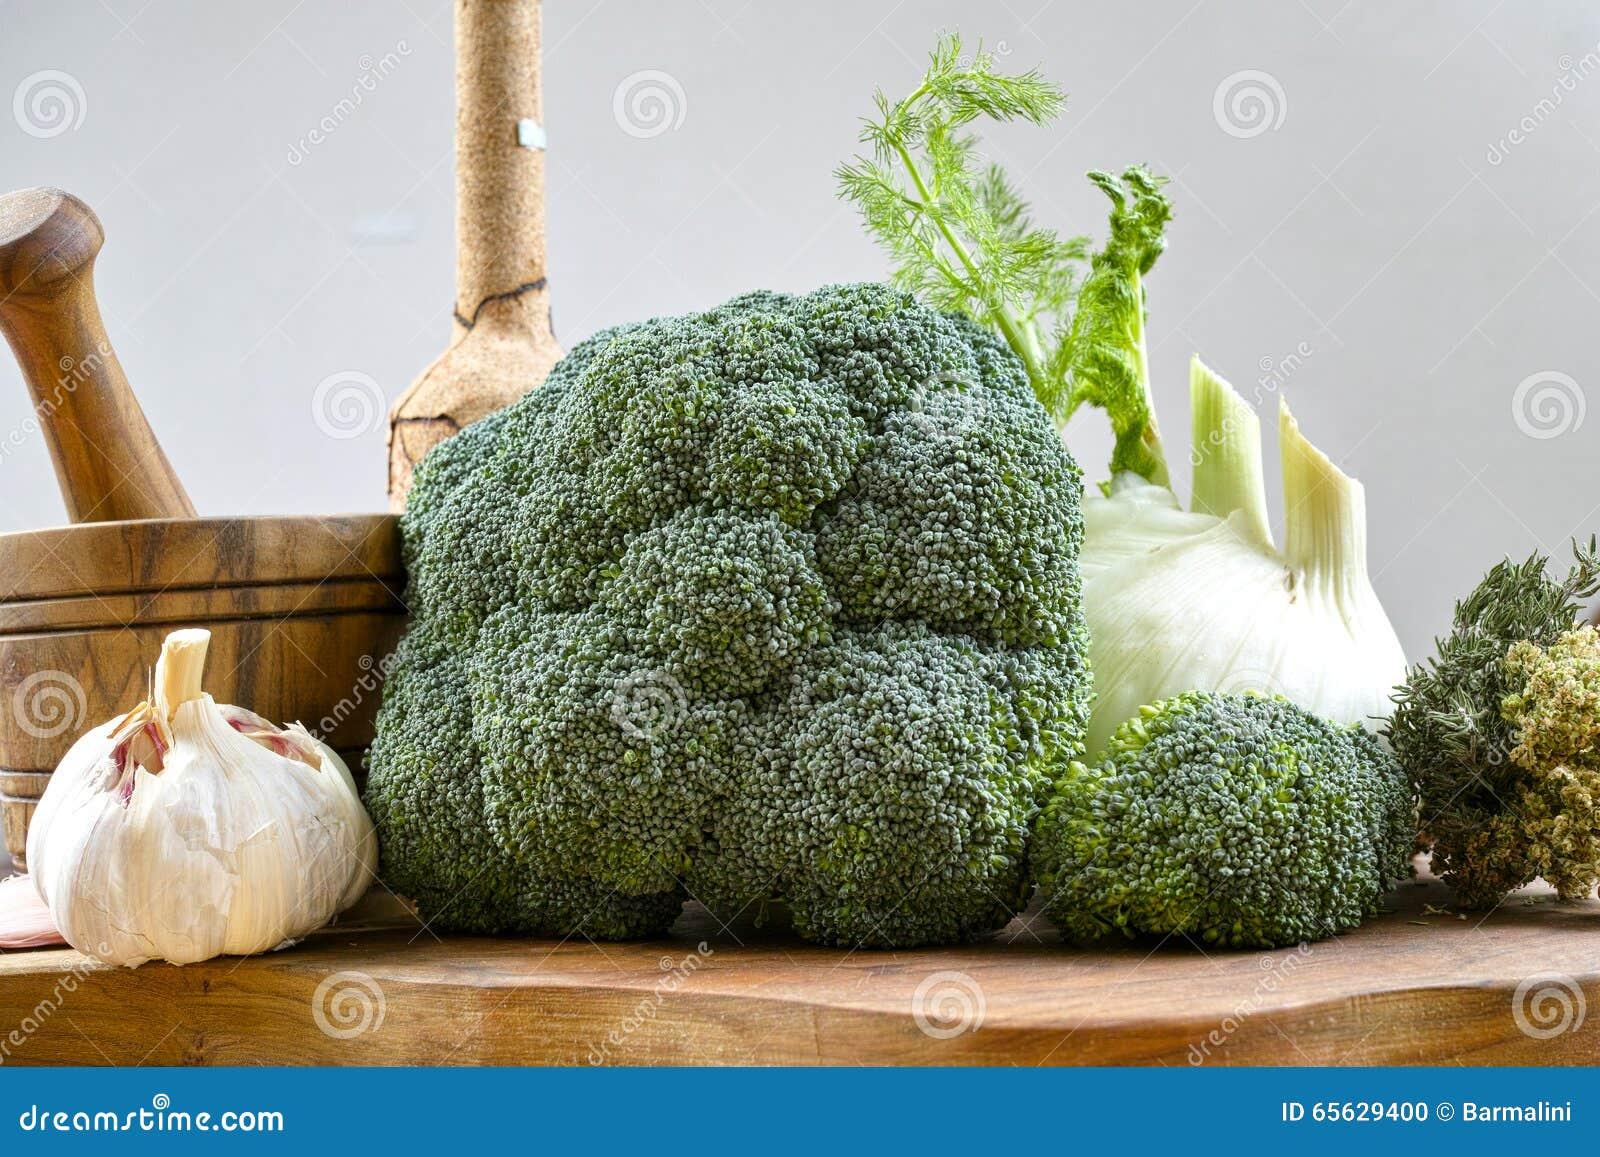 Bouchez la bouteille, mortier en bois olive, légumes verts frais, brocoli, fenouil, ail